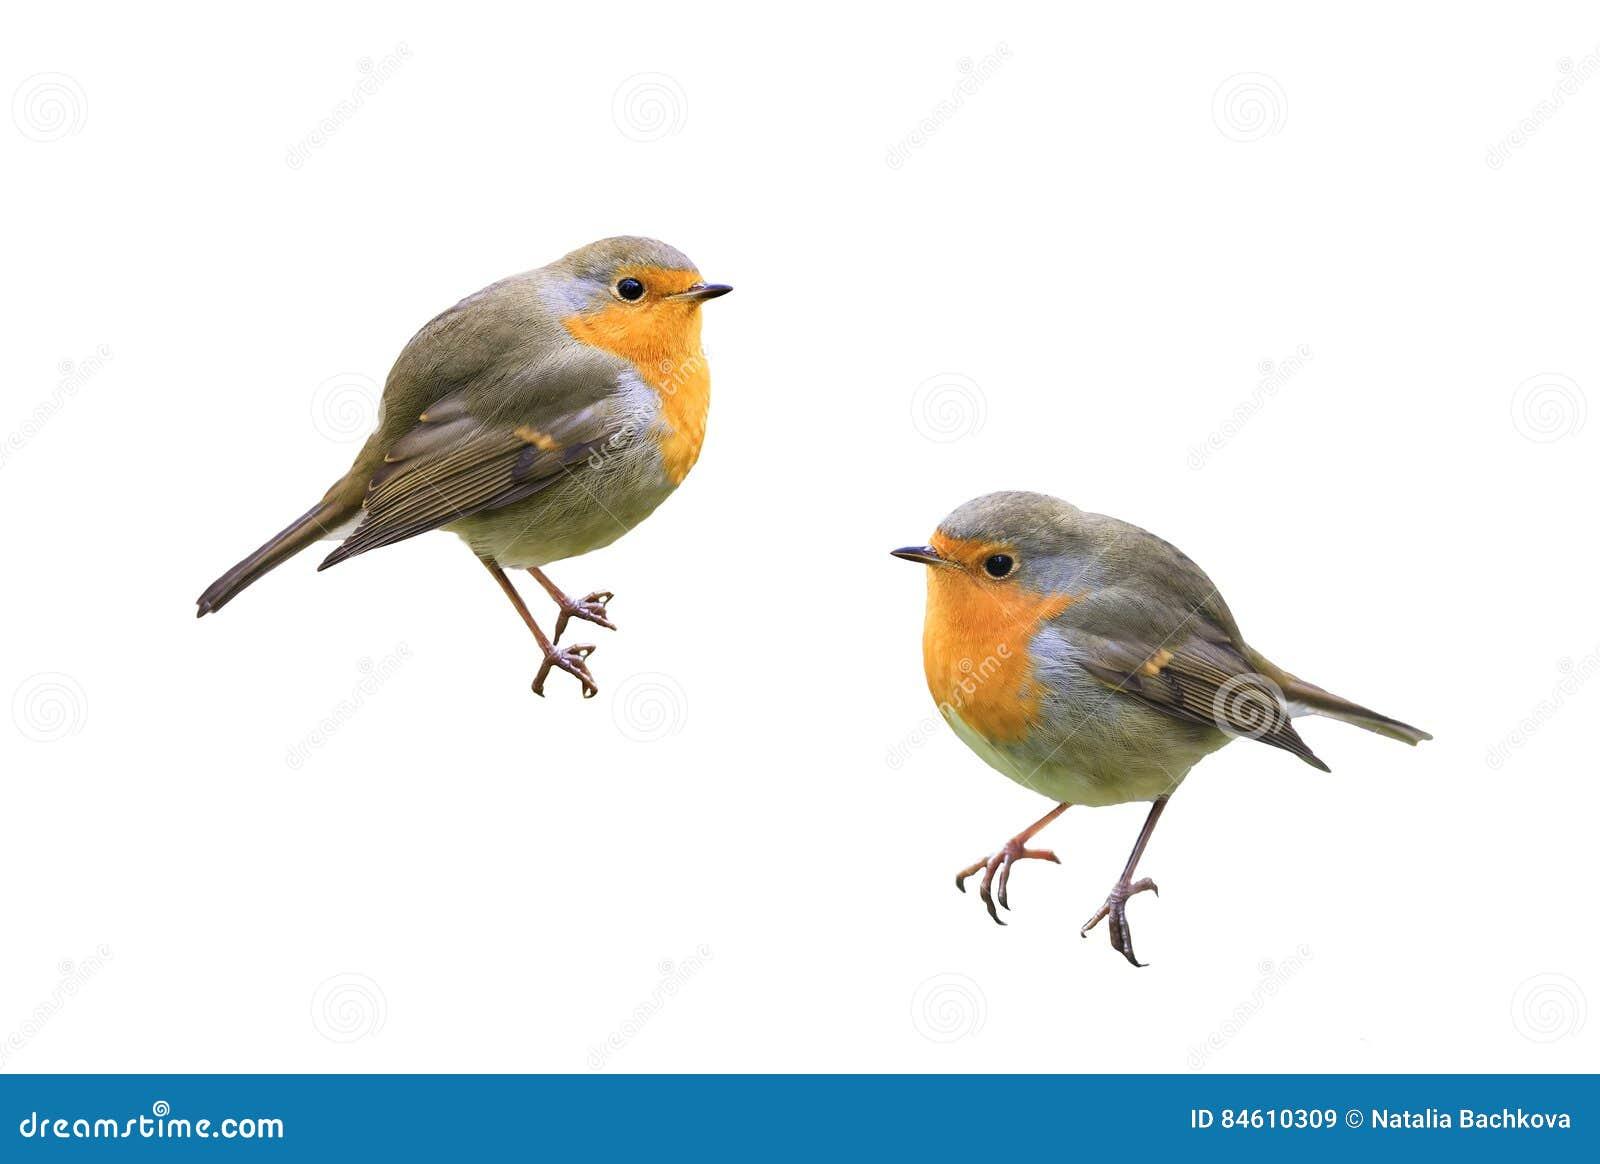 2 робина птиц на предпосылке изолированной белизной